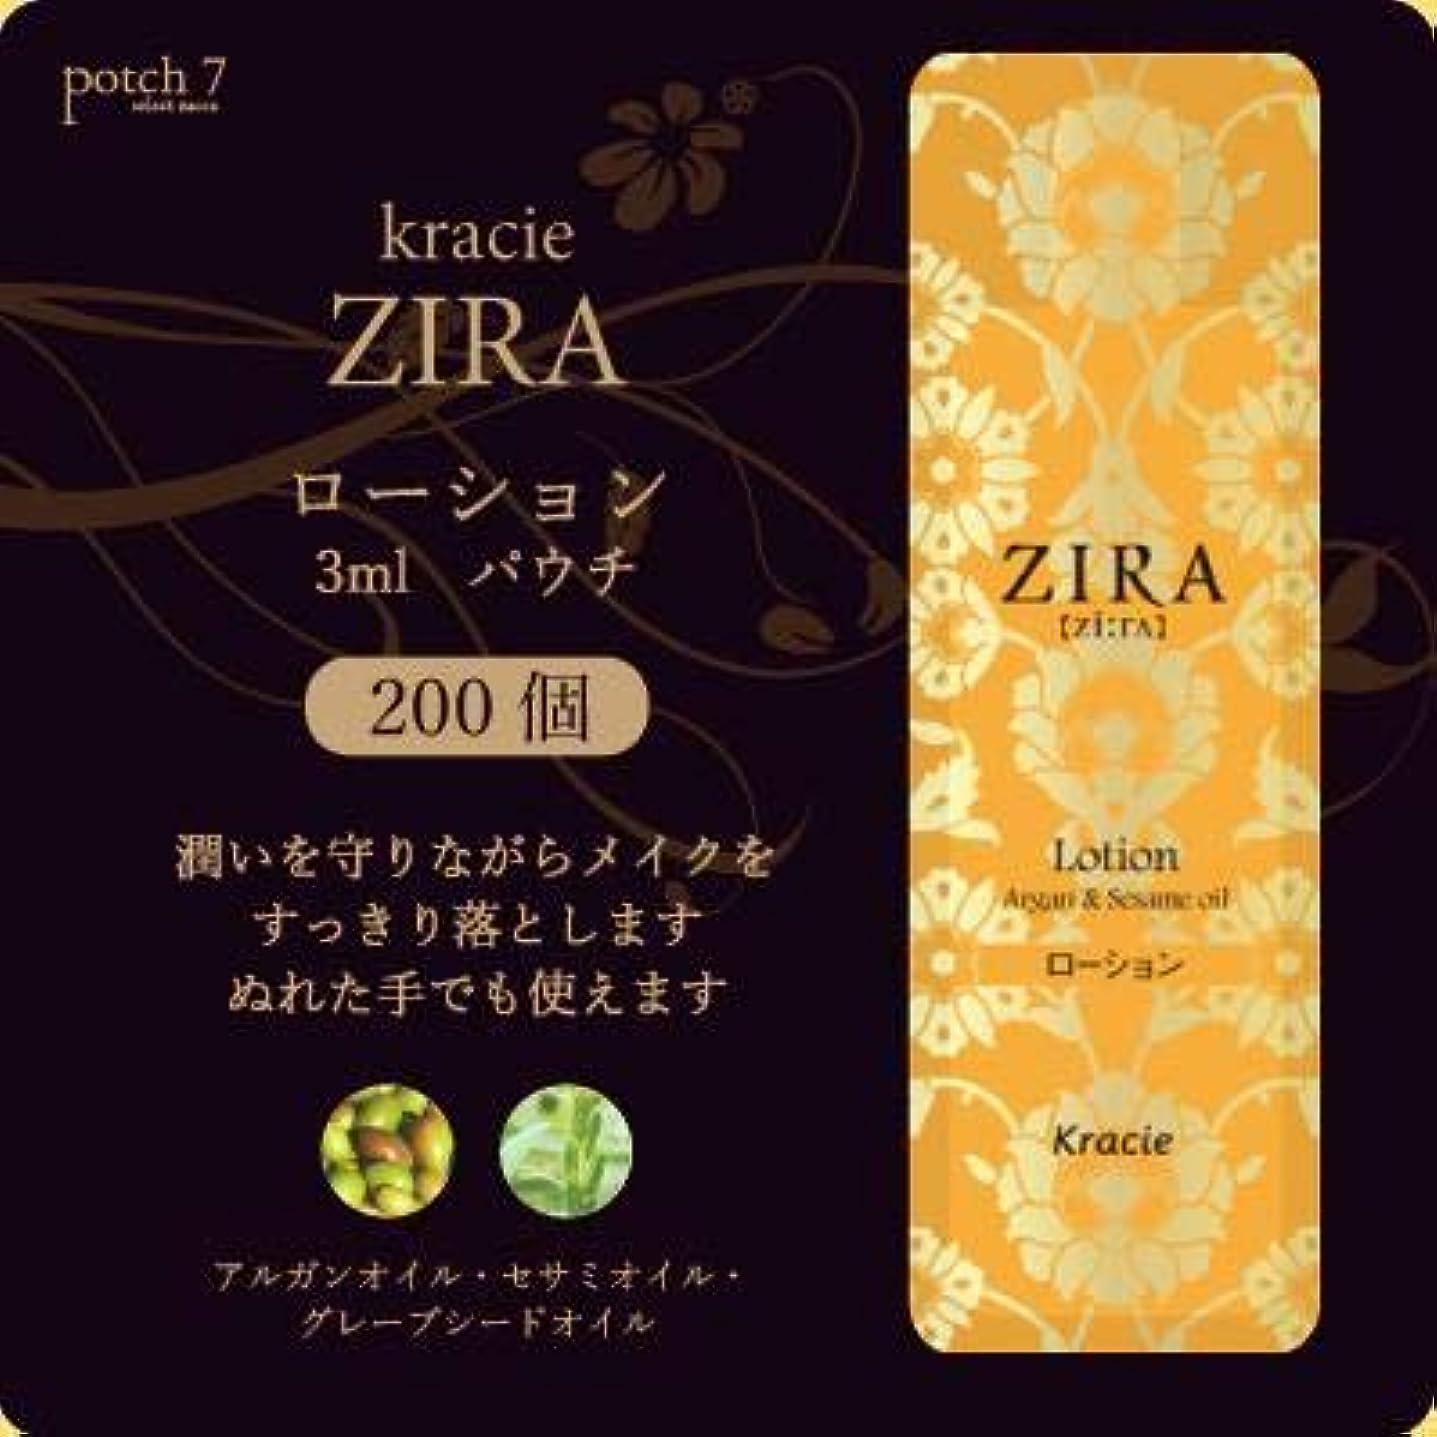 冷酷な最少スラッシュKracie クラシエ ZIRA ジーラ ローション 化粧水 パウチ 3ml 200個入